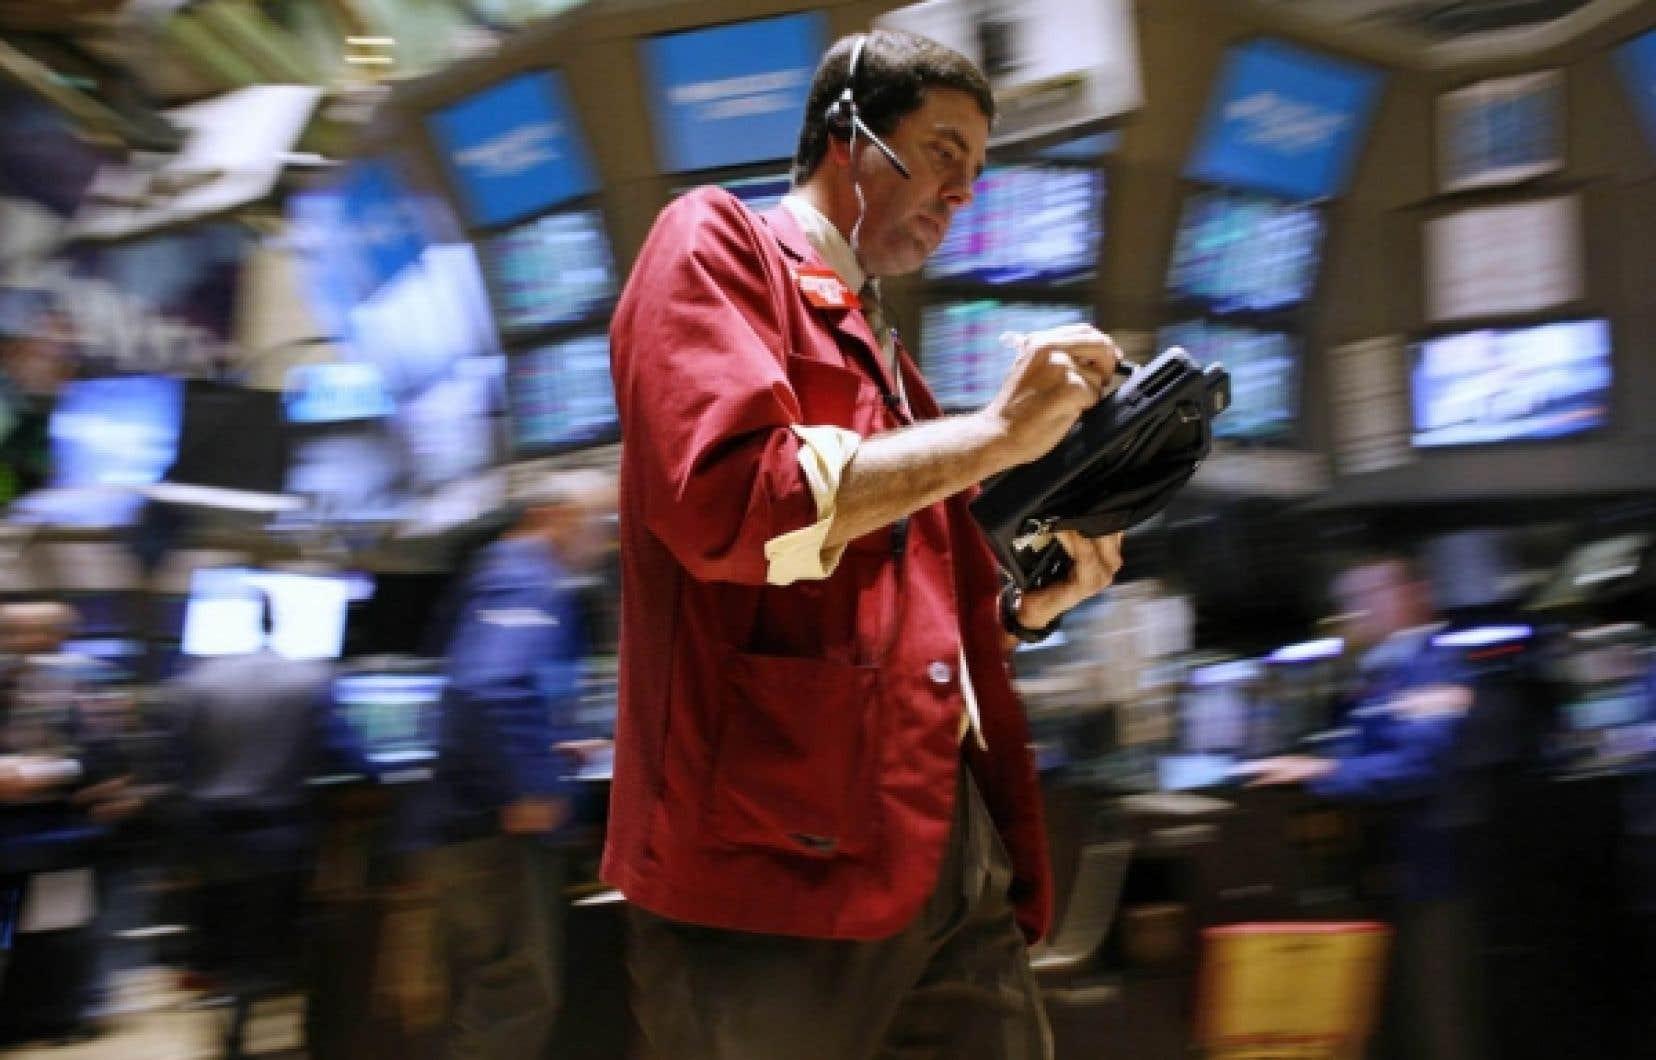 La Bourse de Toronto a terminé l'année 2009 sur un gain de 41 %. Du côté américain, où Wall Street vient de signer sa première décennie négative de l'histoire (-23 %), le S&P500, baromètre parmi les baromètres, a progressé de 28 %.